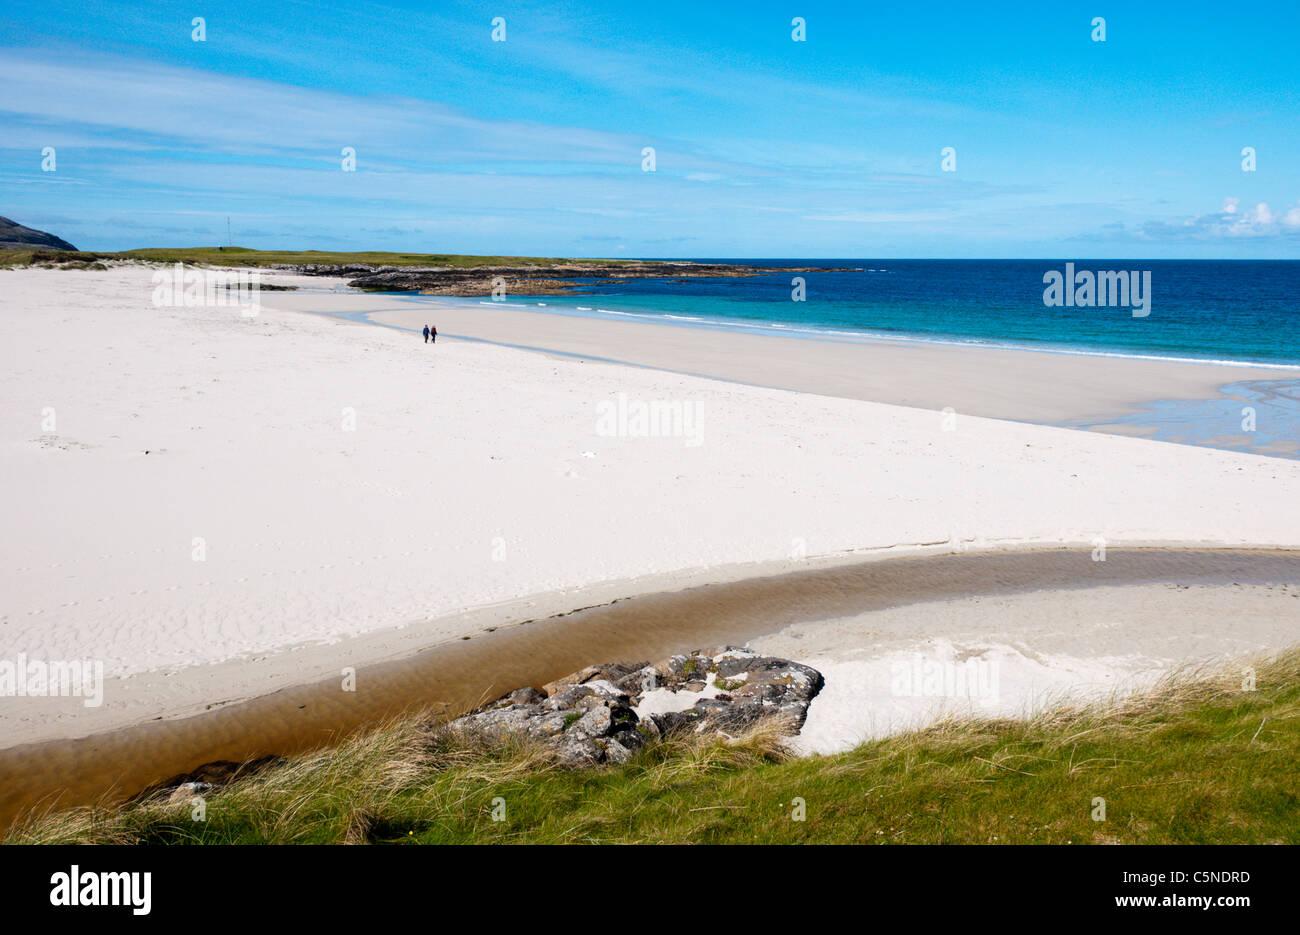 Sandy Hebridean beach of Tràigh Tuath on the west coast of the isle of Barra. - Stock Image